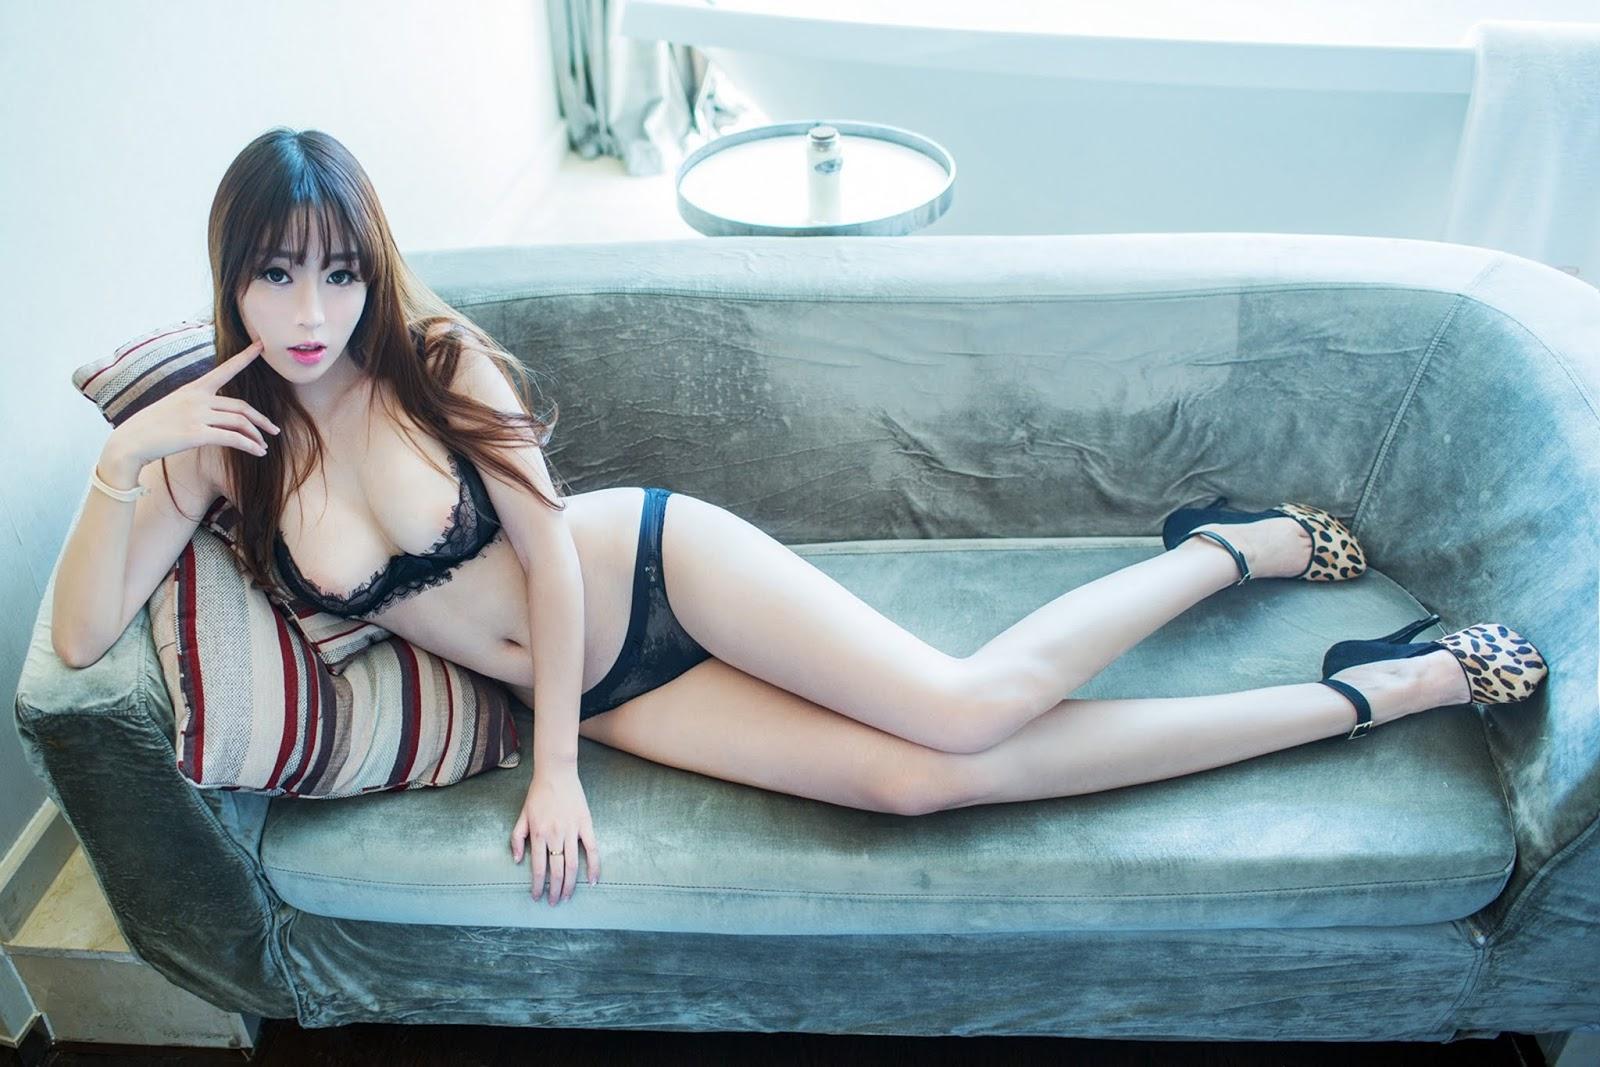 China Beautyful Girl Pic No.051     王语纯 (Wang Yu Chun)